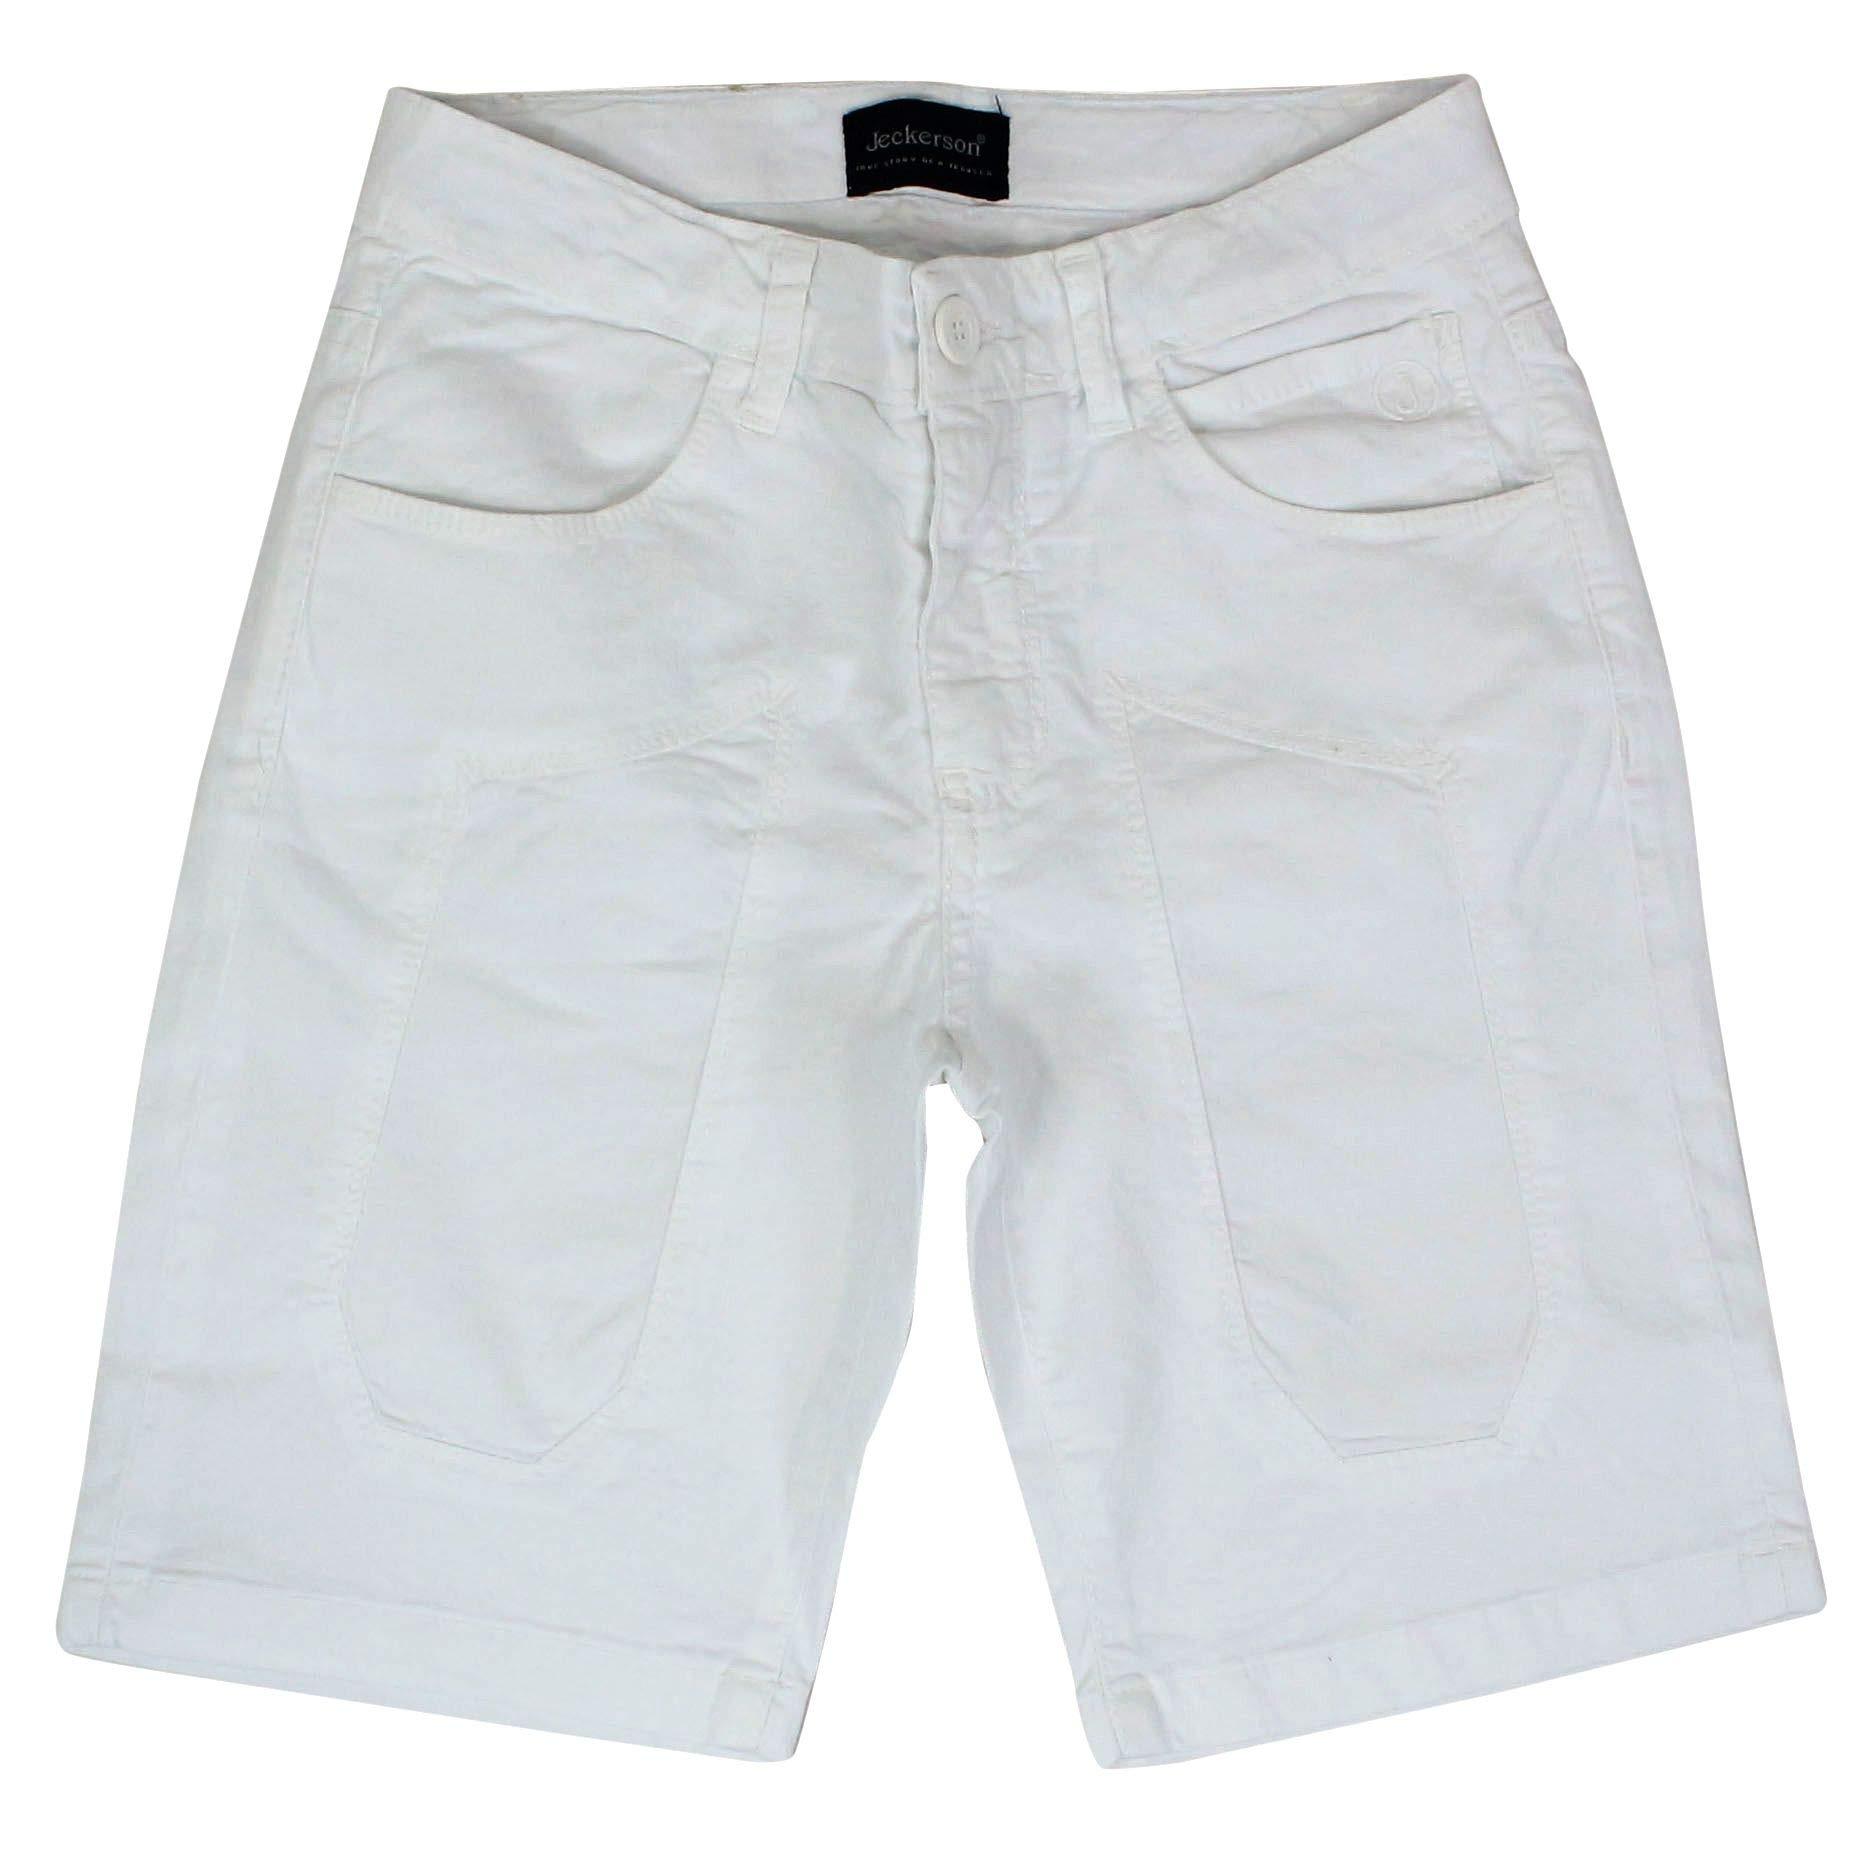 Jeckerson Boys J964bianco White Cotton Shorts